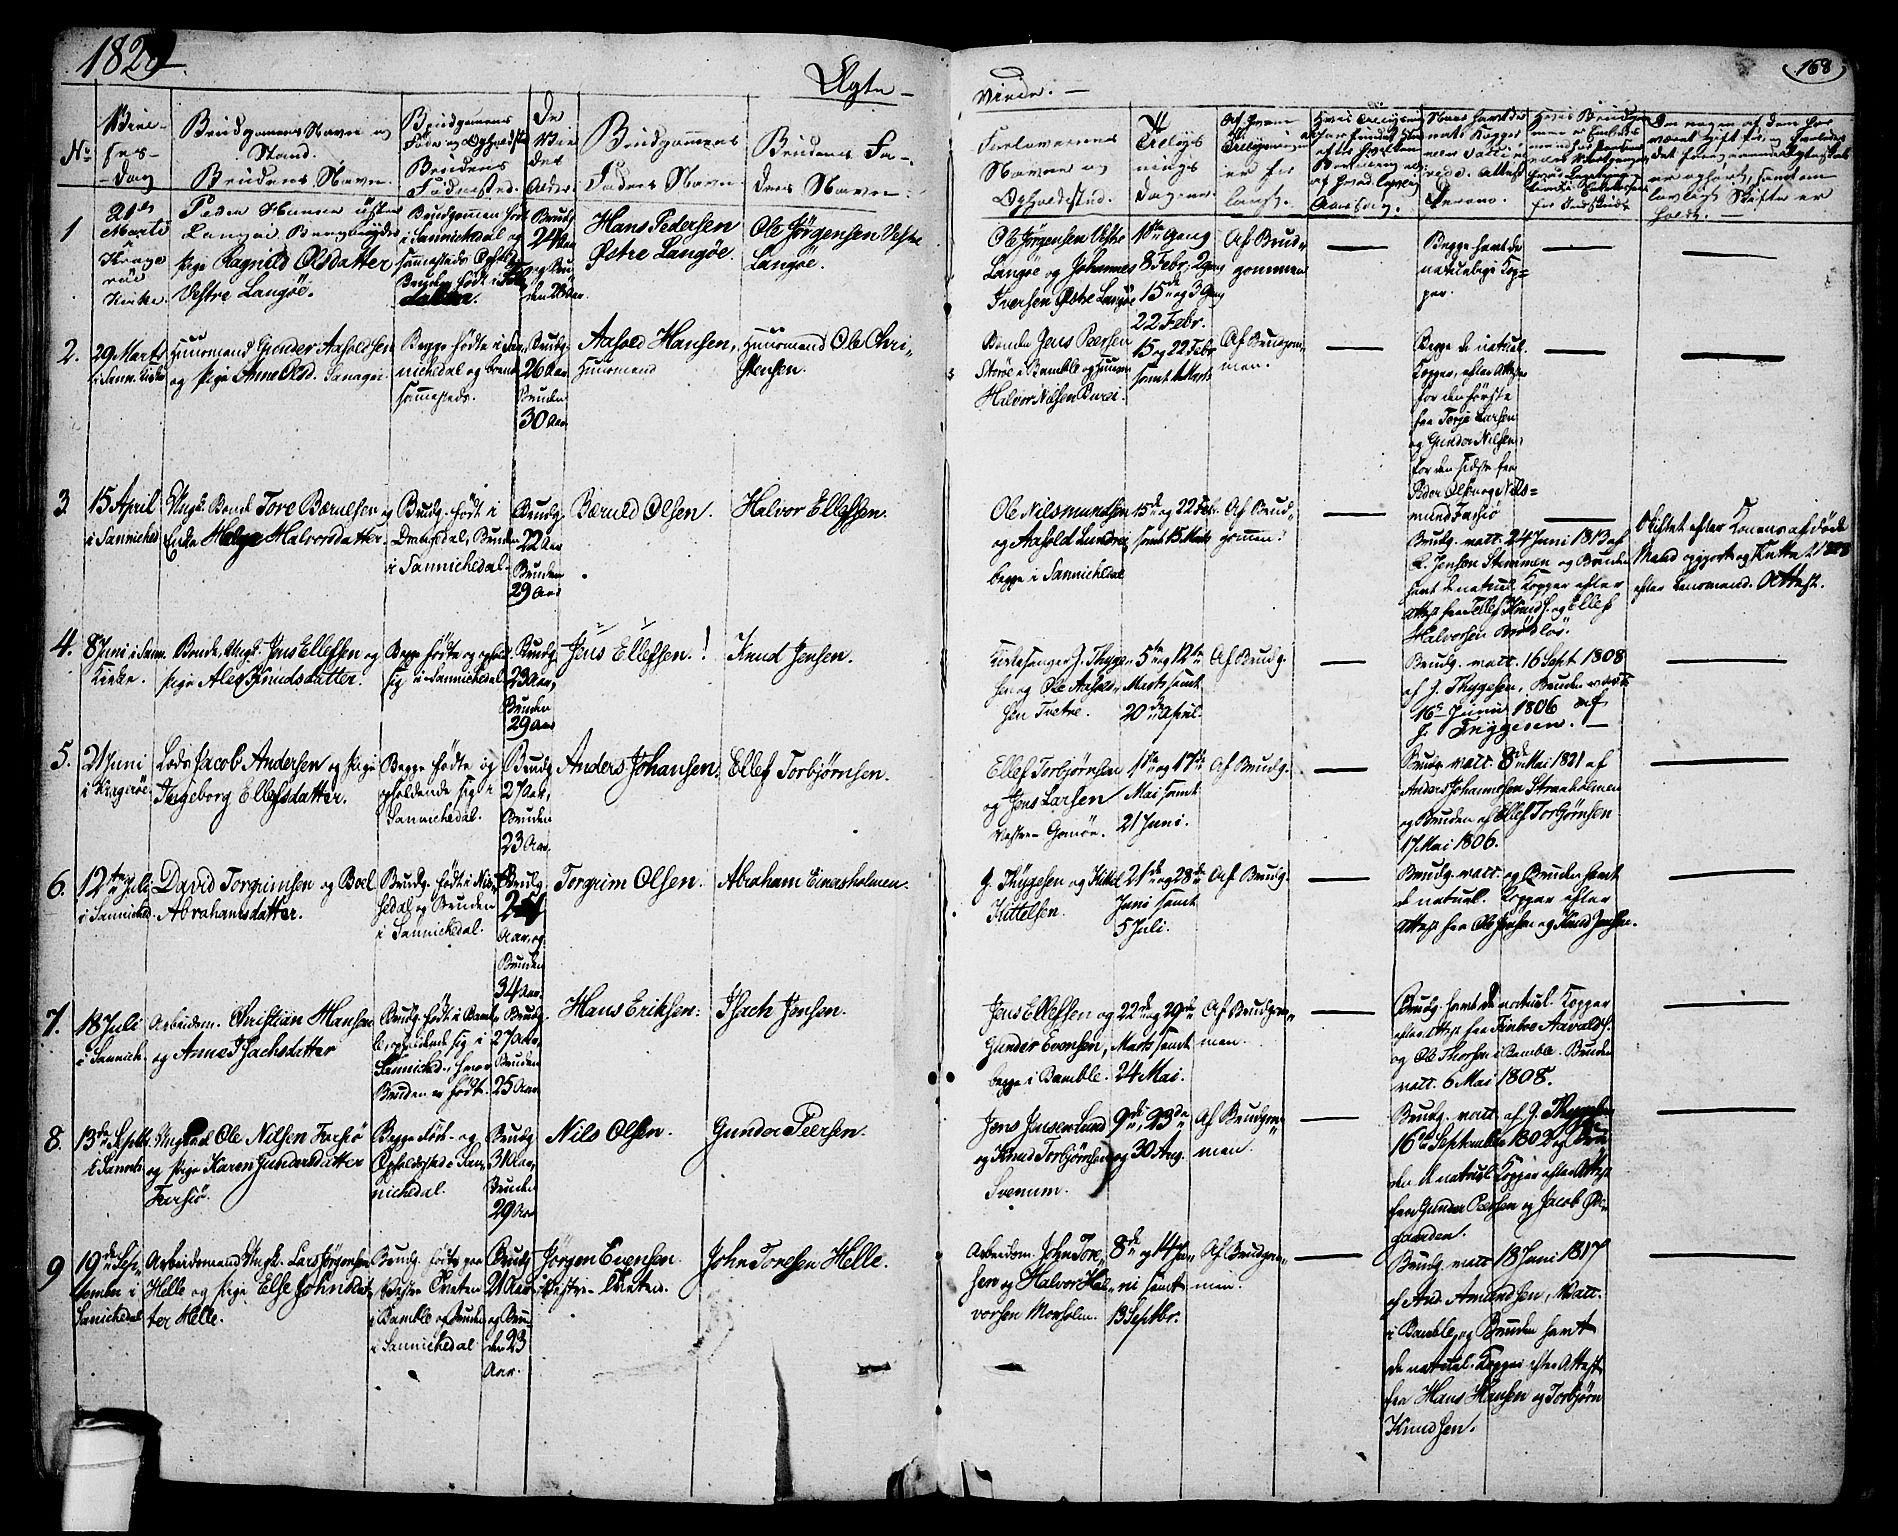 SAKO, Sannidal kirkebøker, F/Fa/L0005: Ministerialbok nr. 5, 1823-1830, s. 168